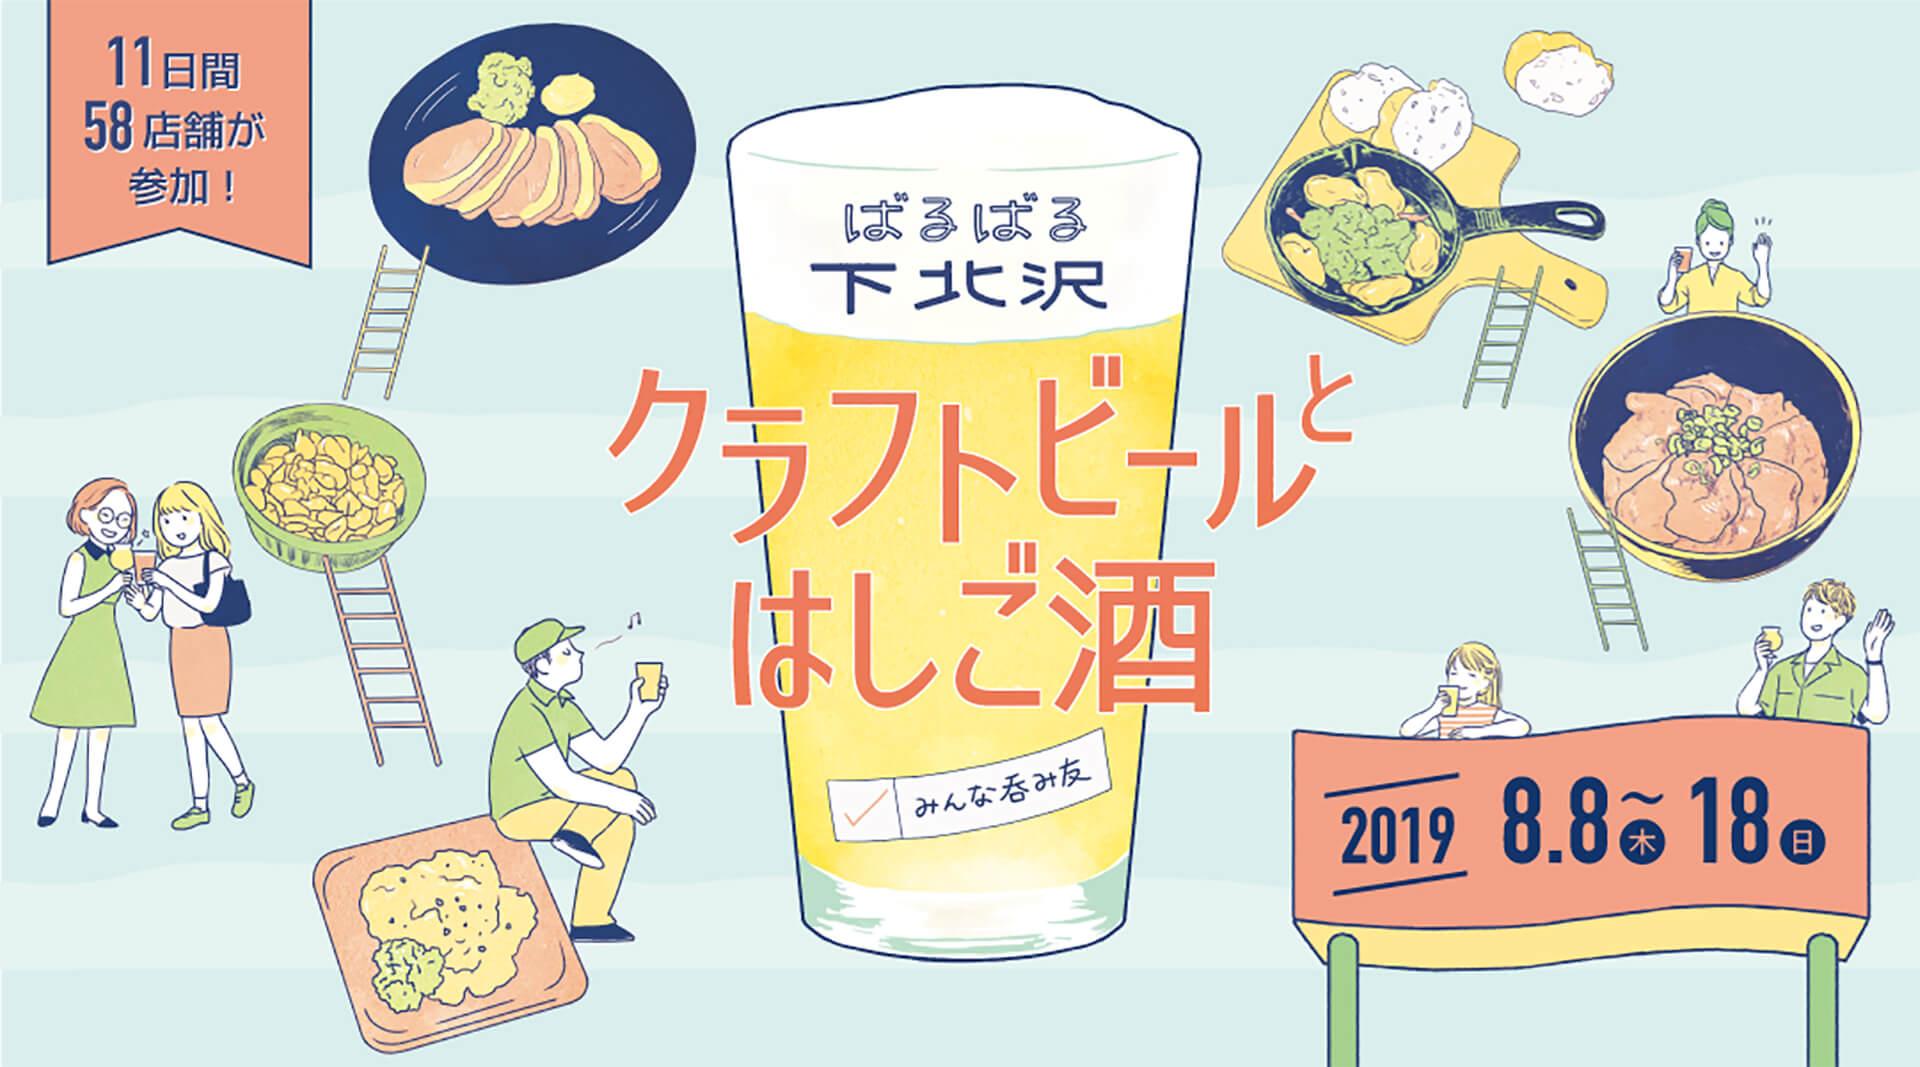 この写真は「ばるばる下北沢 クラフトビールとはしご酒 みんな呑み友」のメインビジュアル。開催風景を複数のイラストで紹介